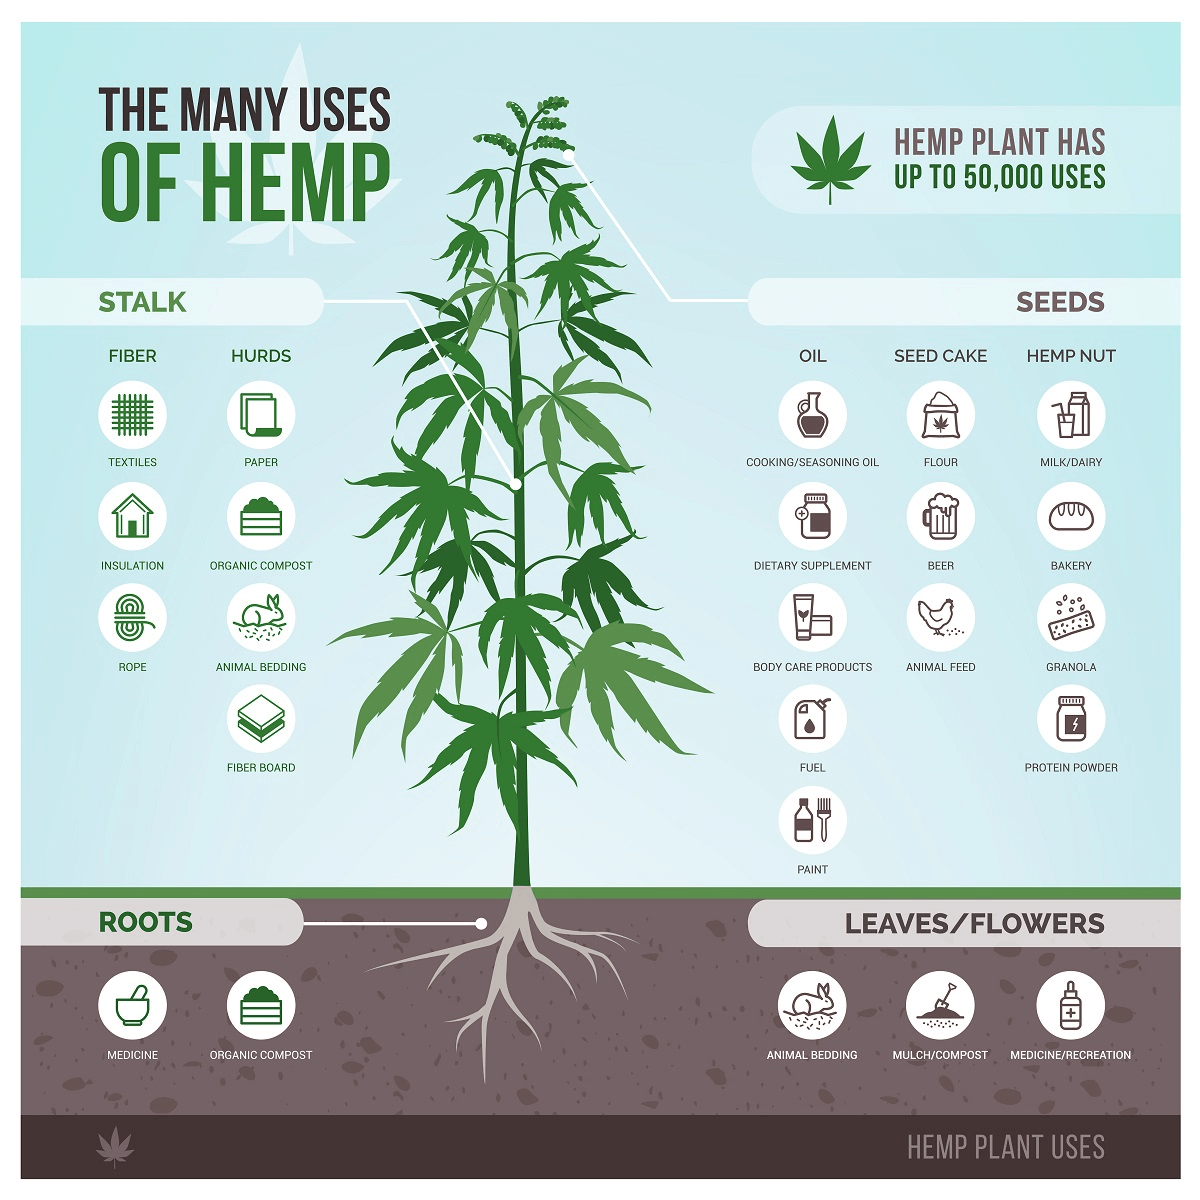 Uses of Hemp Oil